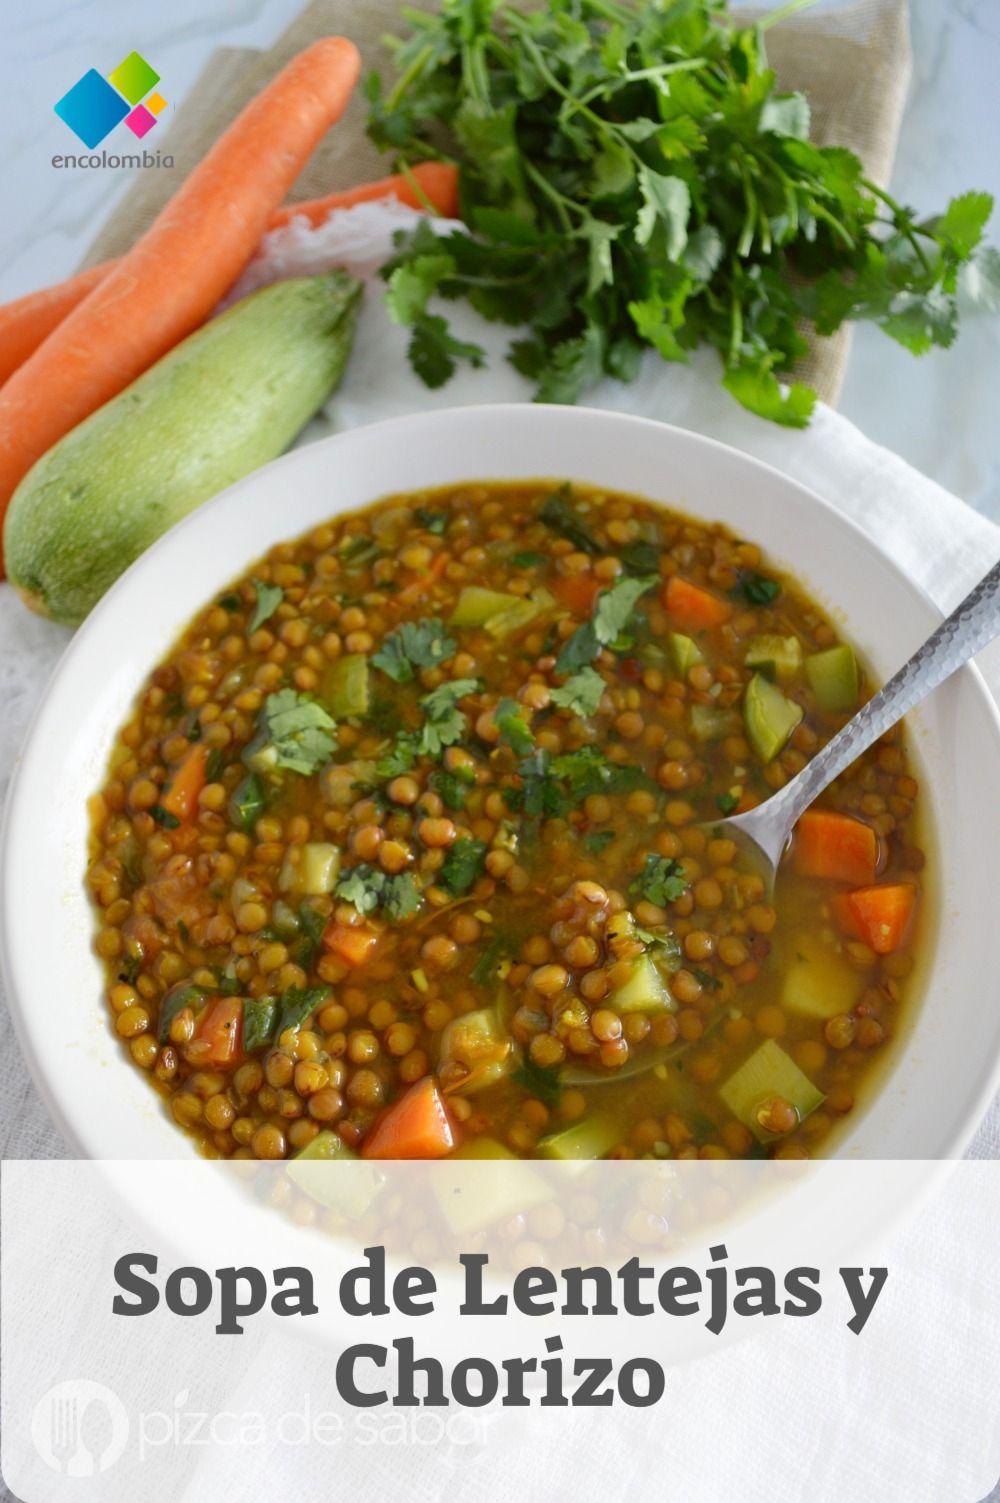 Sopa De Lentejas Y Chorizo Recetas De Sopa Recetas De Cocina Faciles Comida Recetas Vegetarianas Lentejas Con Verduras